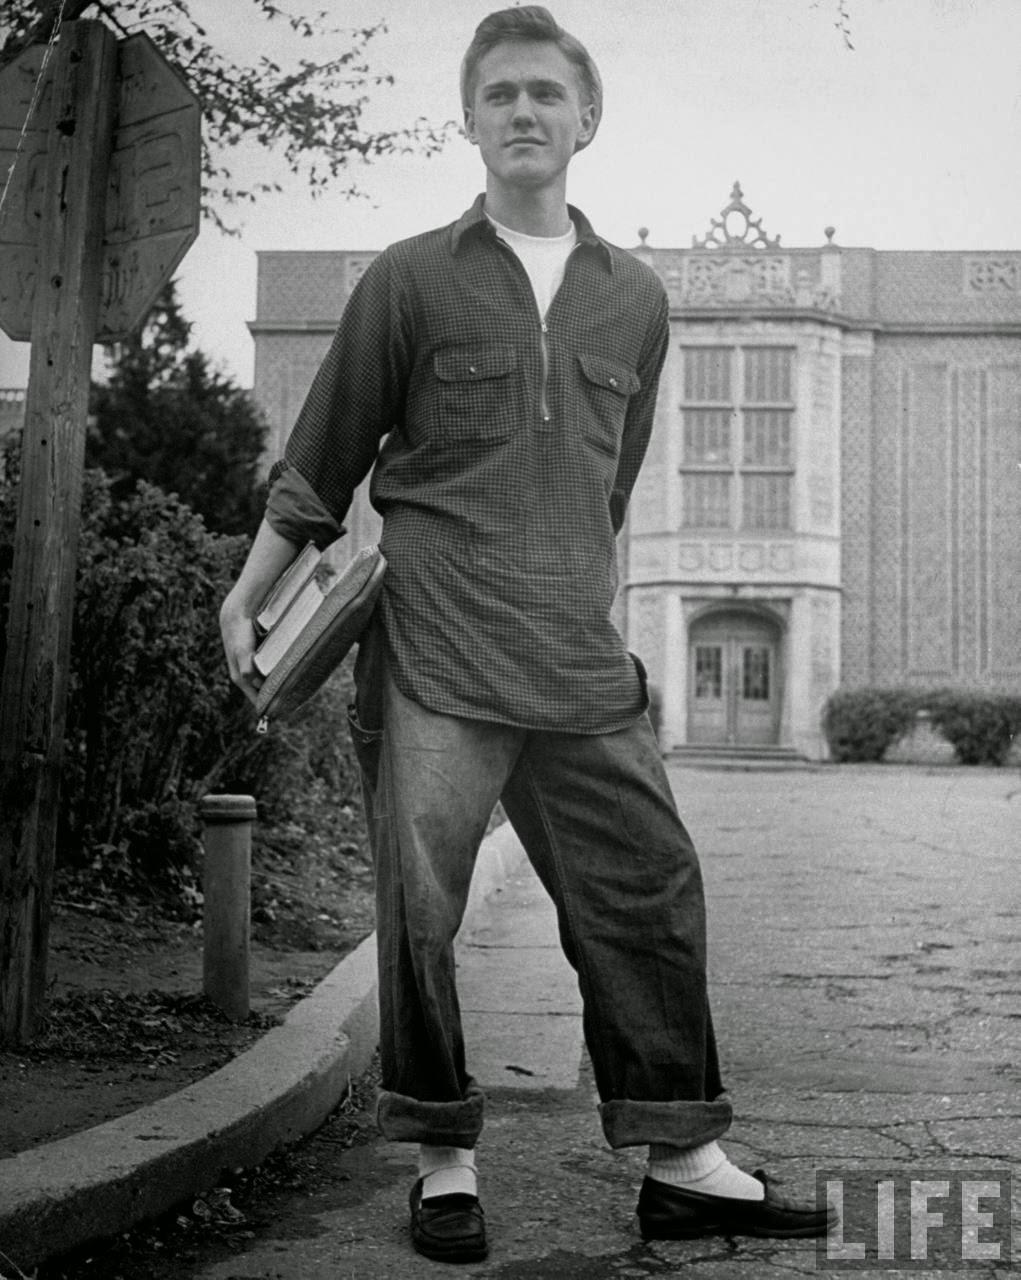 6b999375f 1940s teen boy - Ecosia